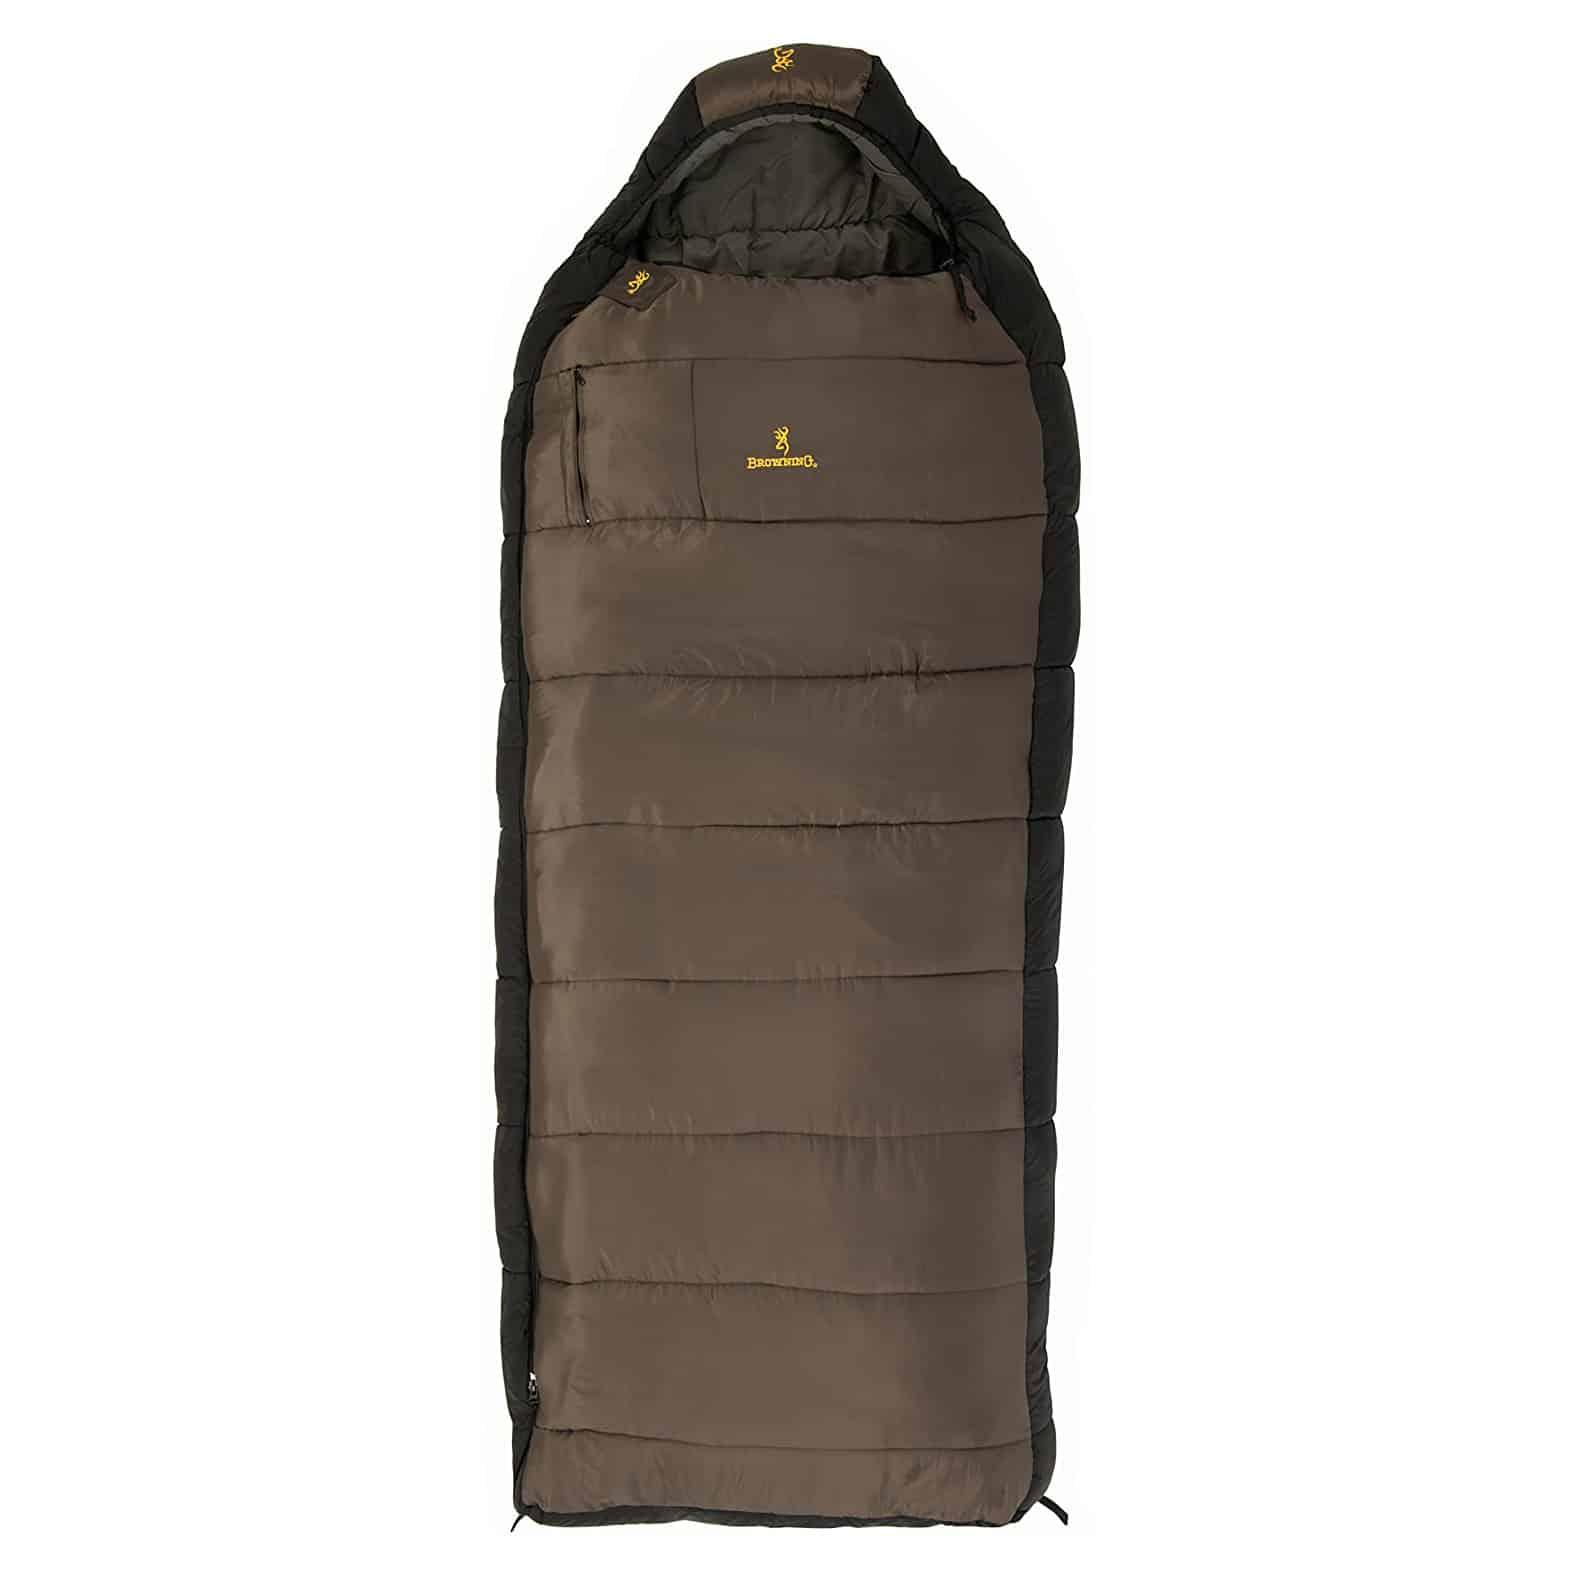 Browning Camping McKinley 0 Degree Sleeping Bag